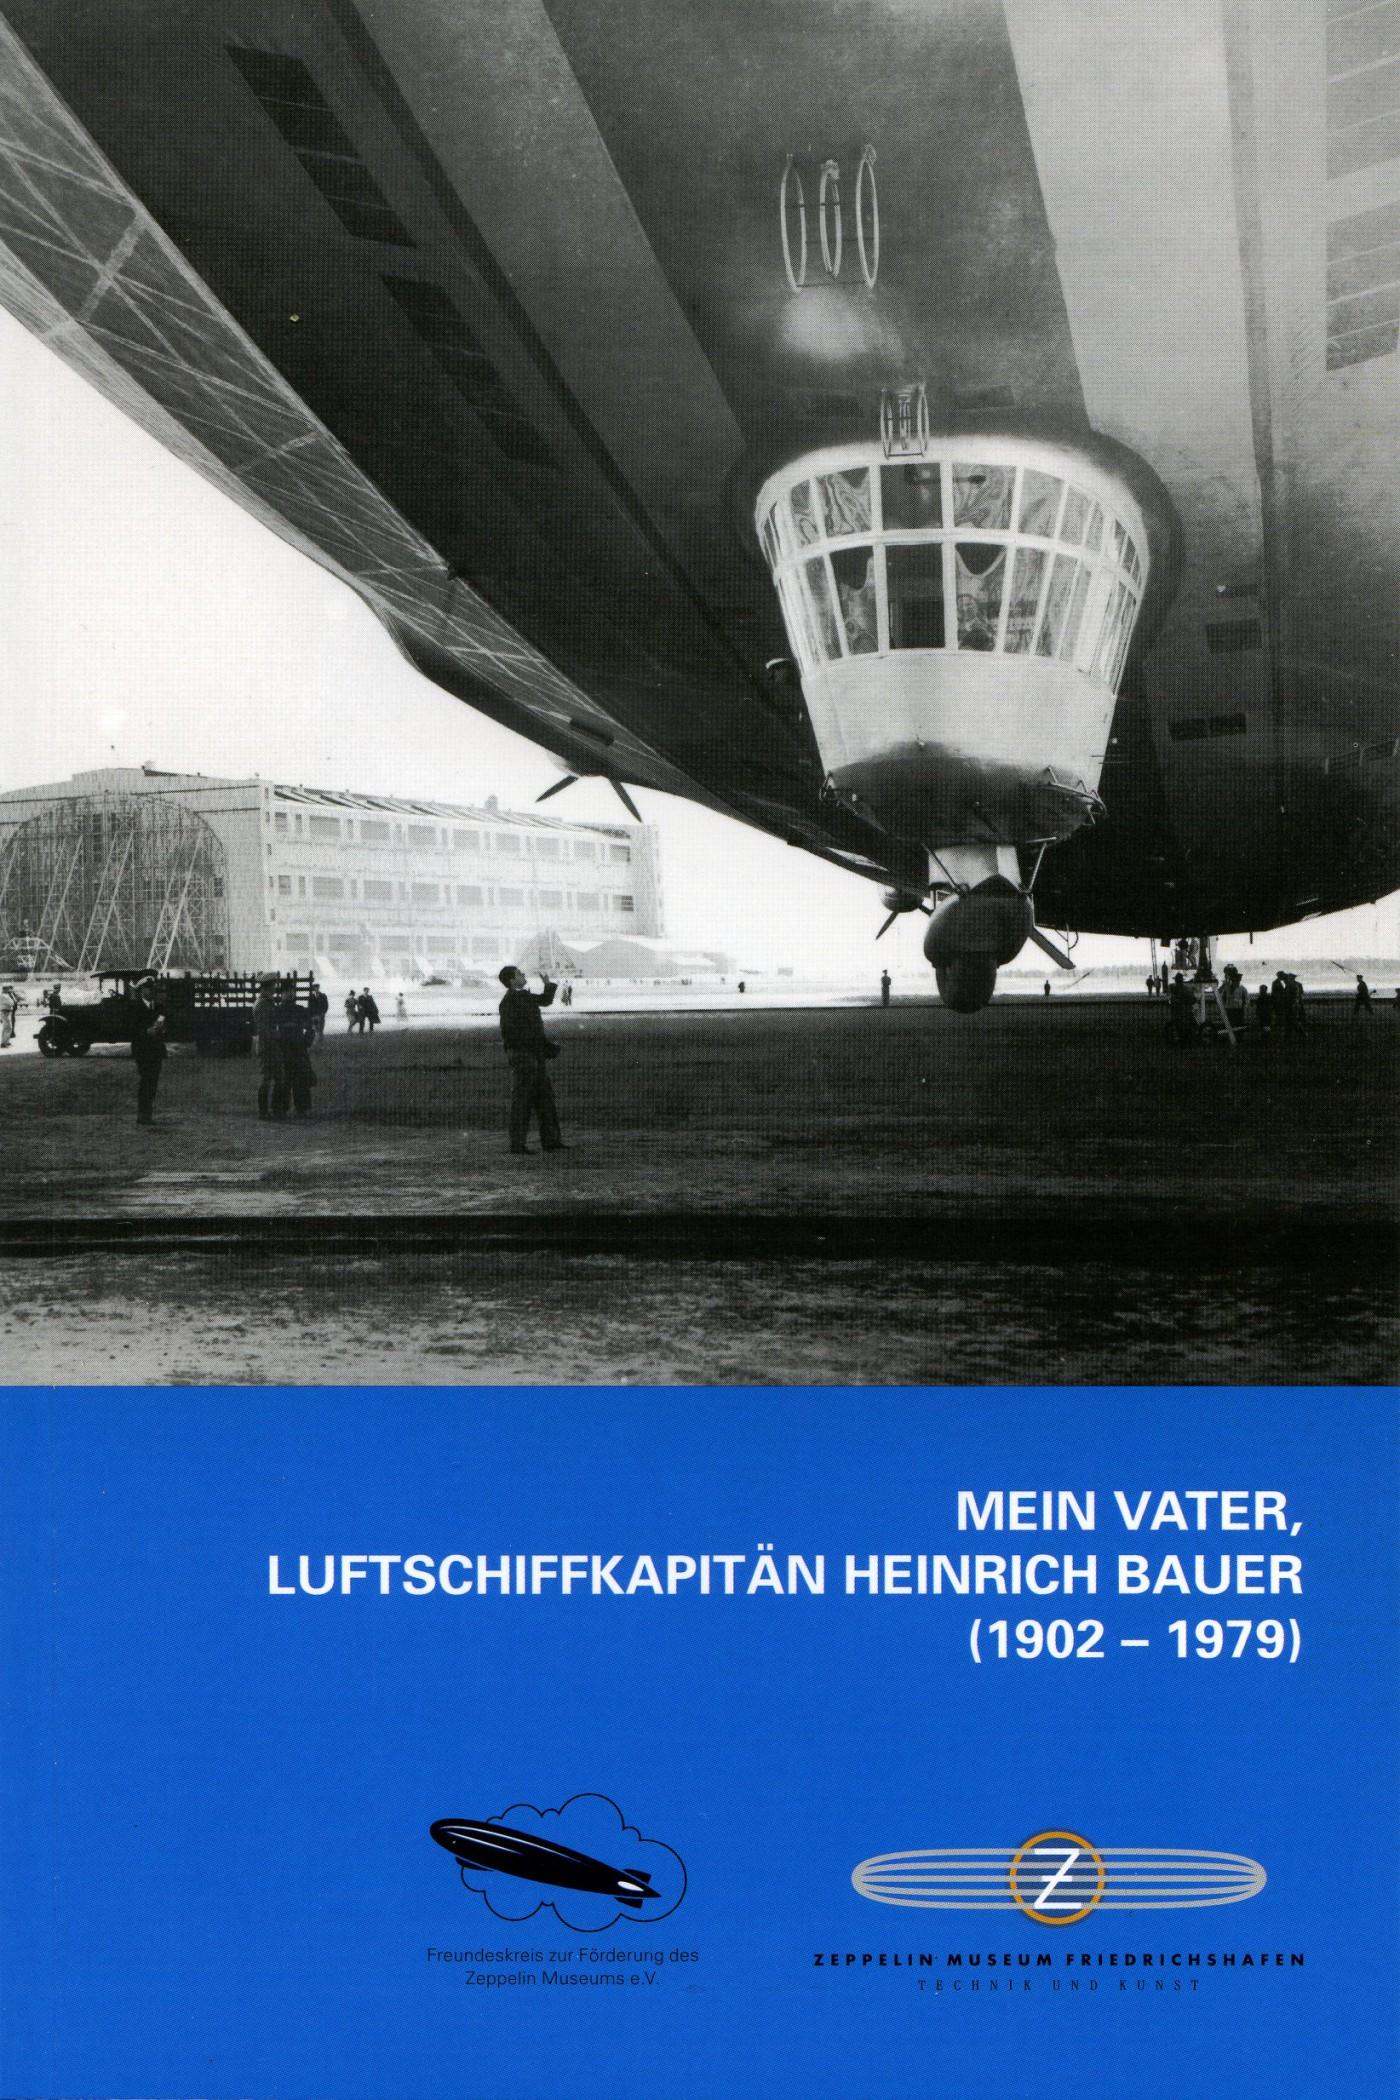 Mein Vater, Luftschiffkapitän Heinrich Bauer